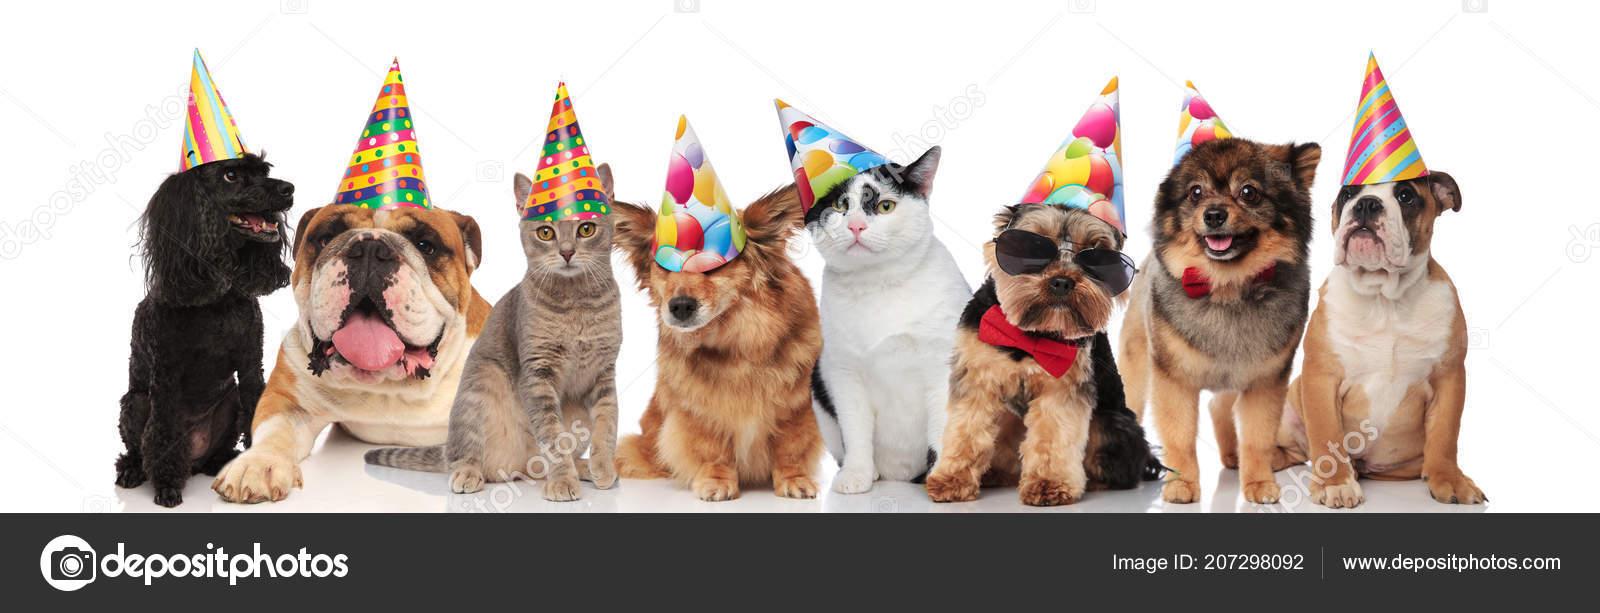 Entzückende Team Geburtstag Tiere Verschiedener Rassen Stehen Sitzen